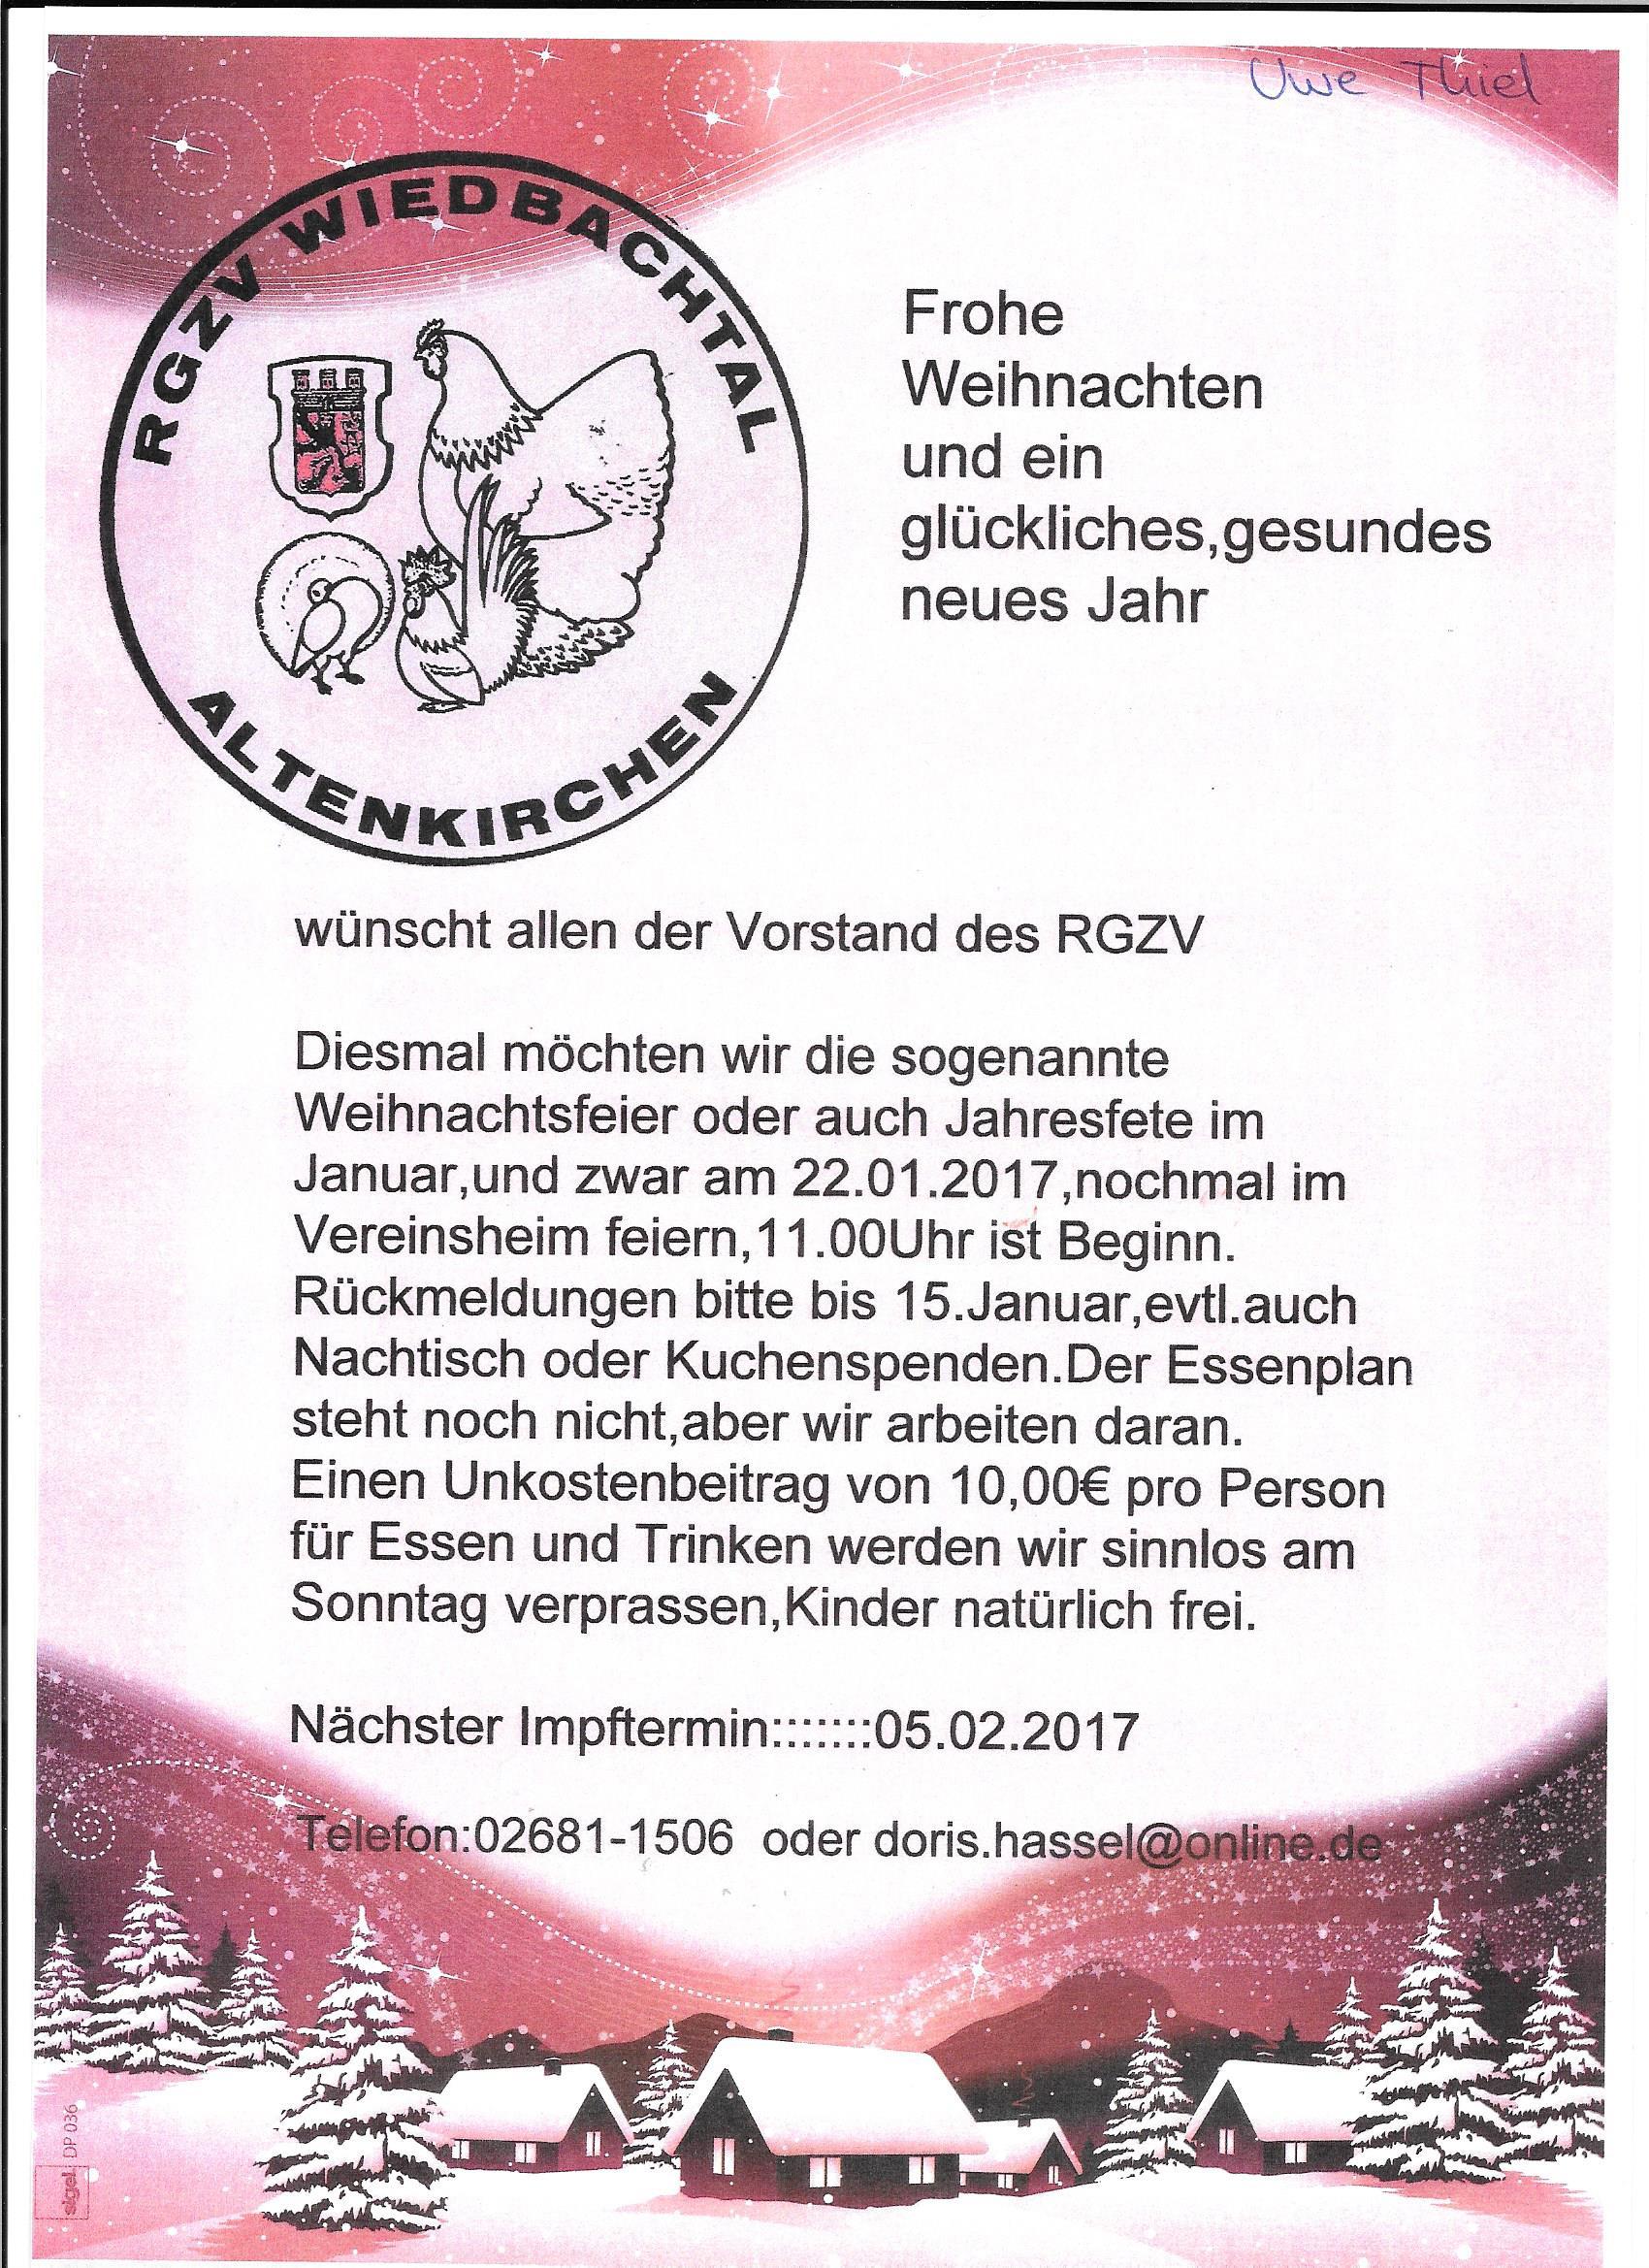 weihnachten-rgzv0011